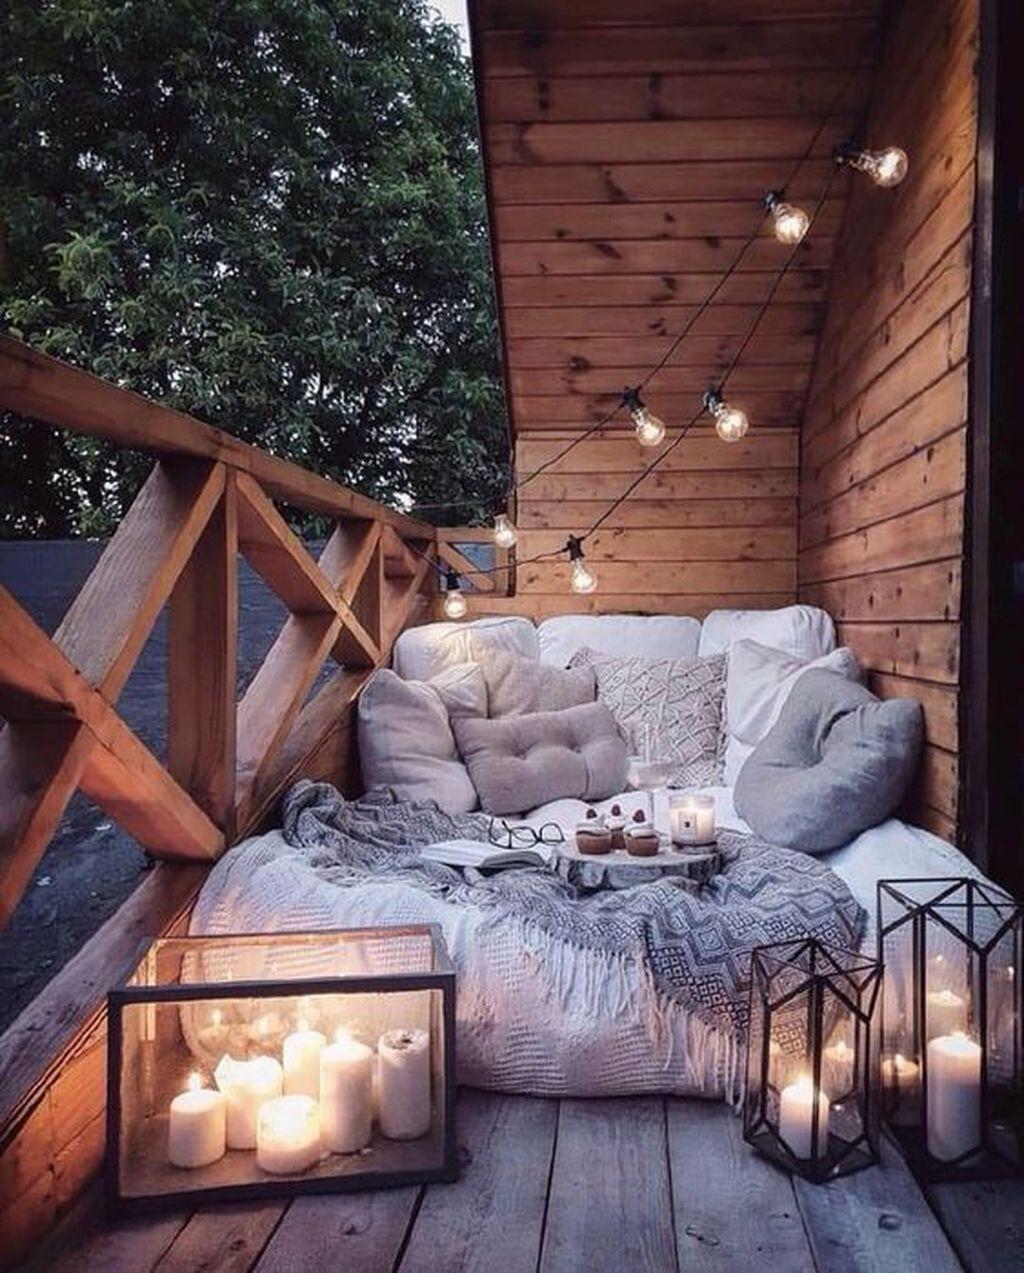 The Best Apartment Balcony Decor Ideas For Fall Season 30